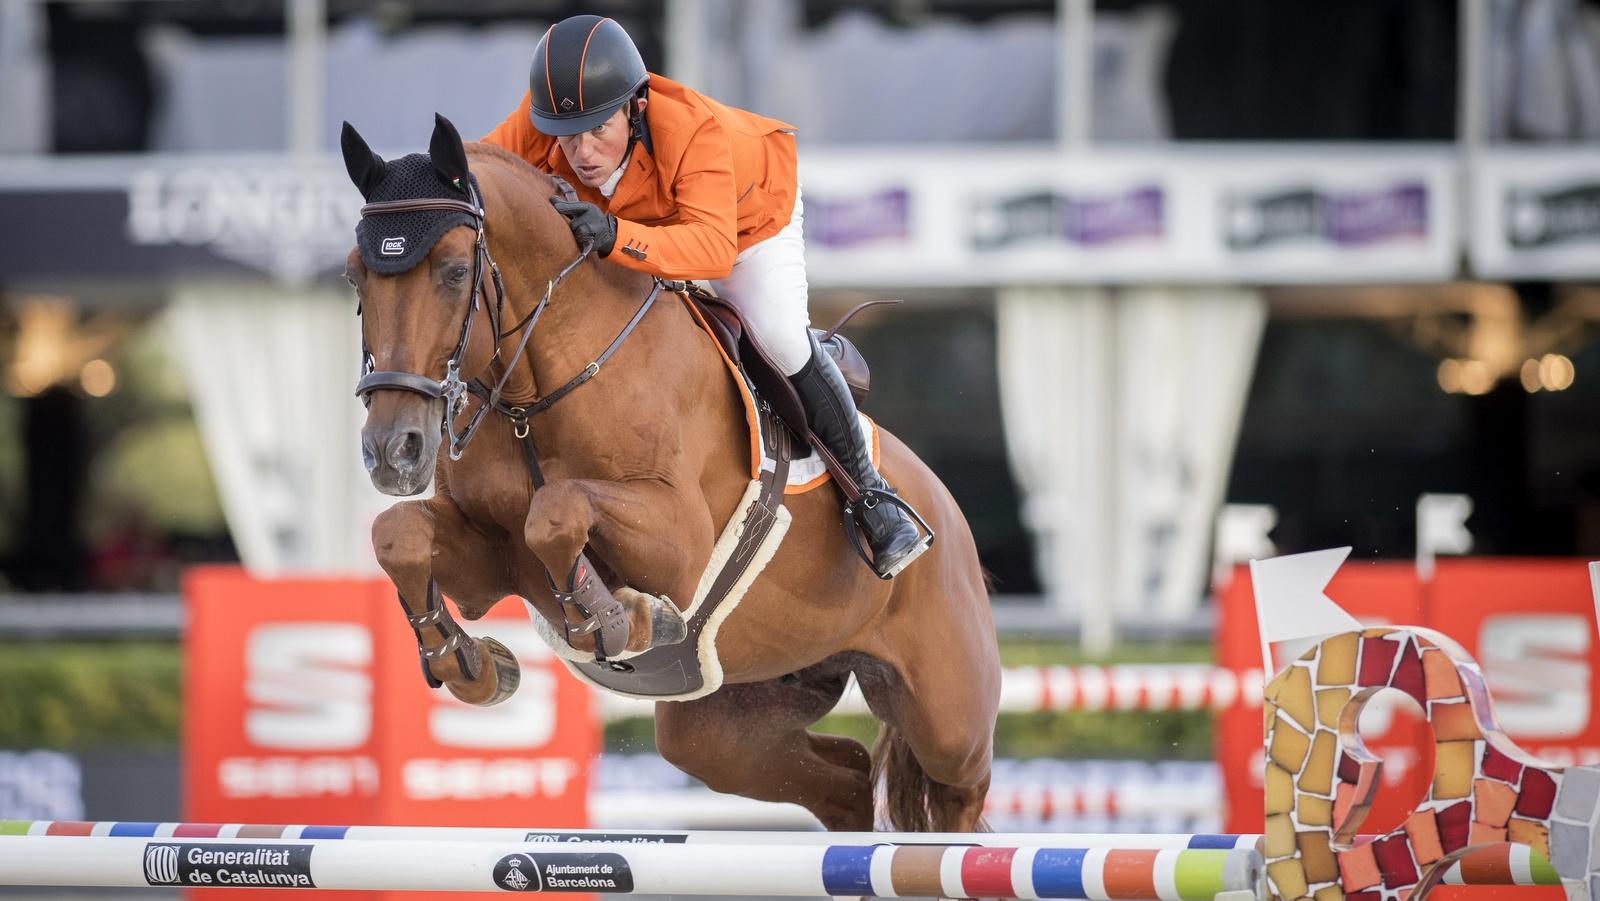 Nederlandse springruiters achtste in finale Nations Cup: 'het zit gewoon niet mee'